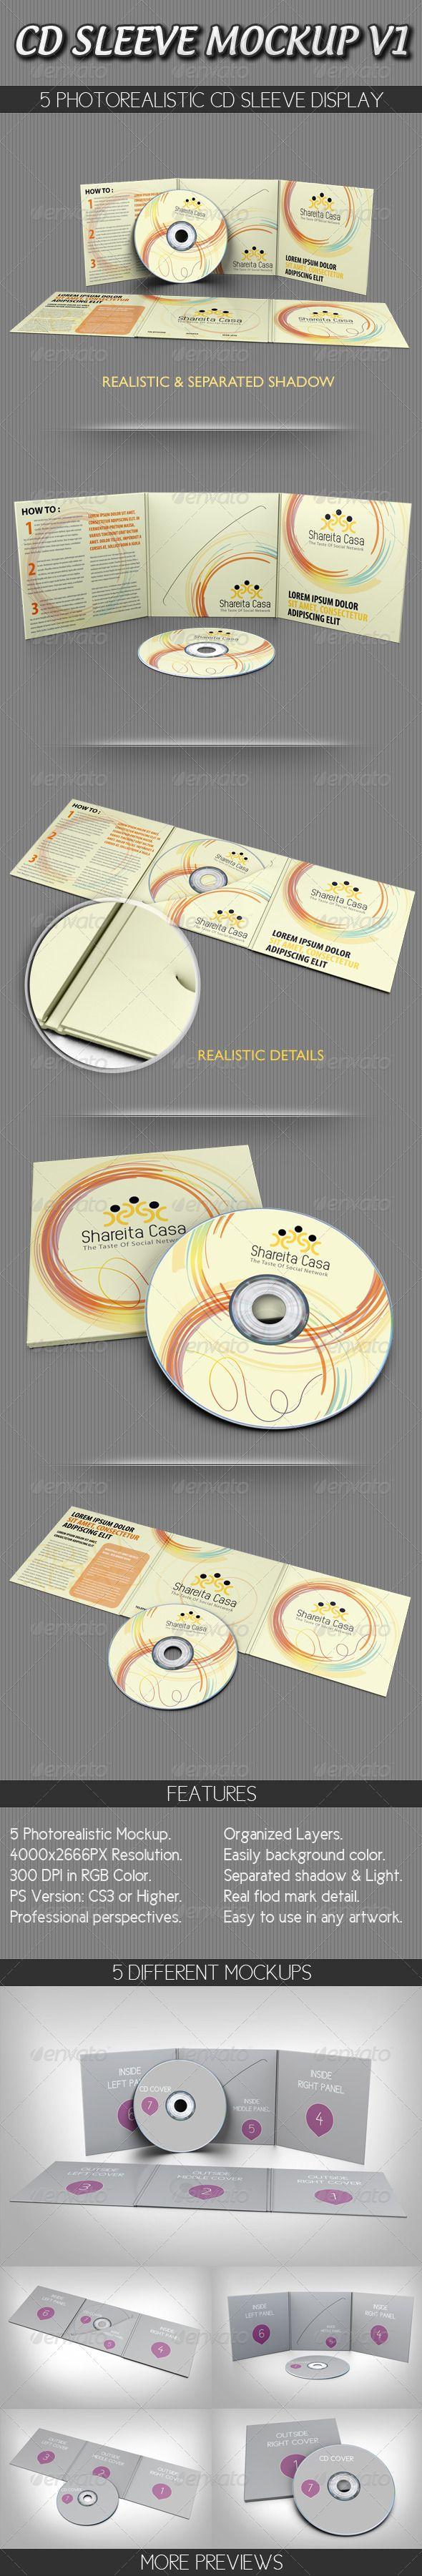 CD Sleeve Mockup V1   Reciclado y Ideas